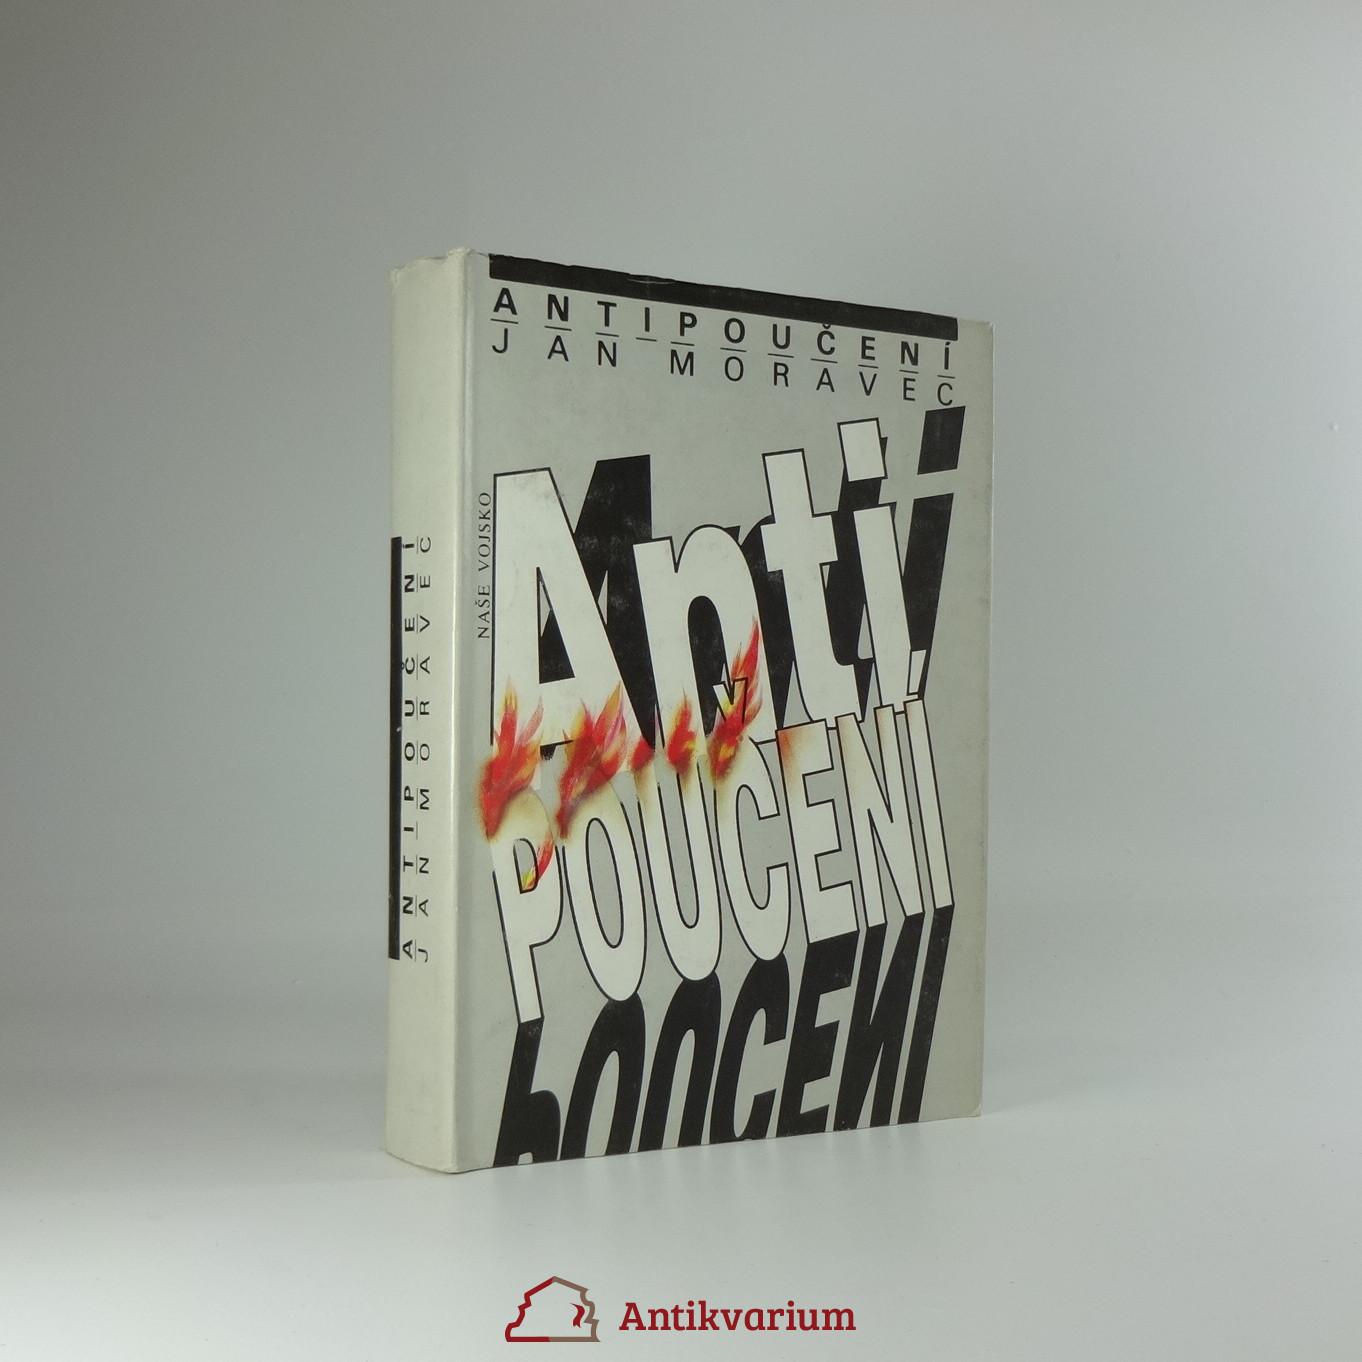 antikvární kniha Antipoučení, 1990